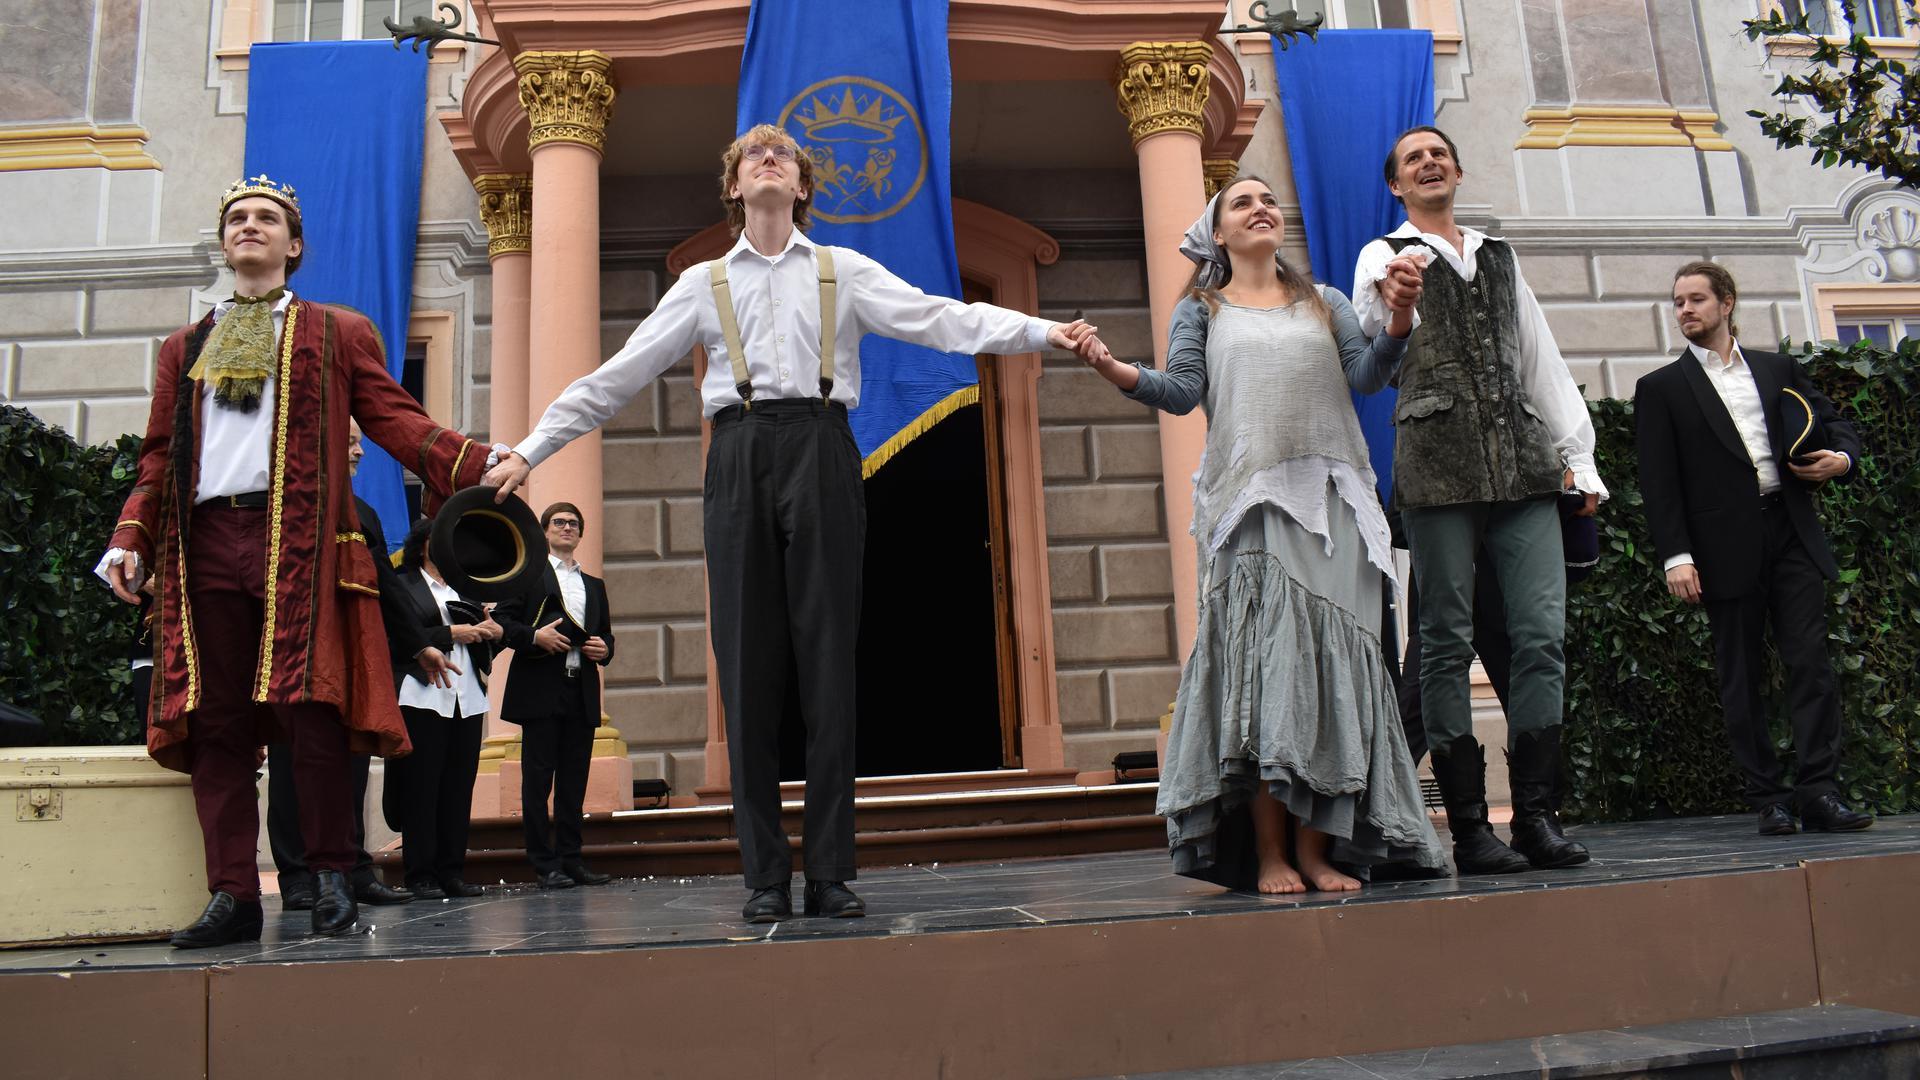 Schlossfestspiele Aschenputtel